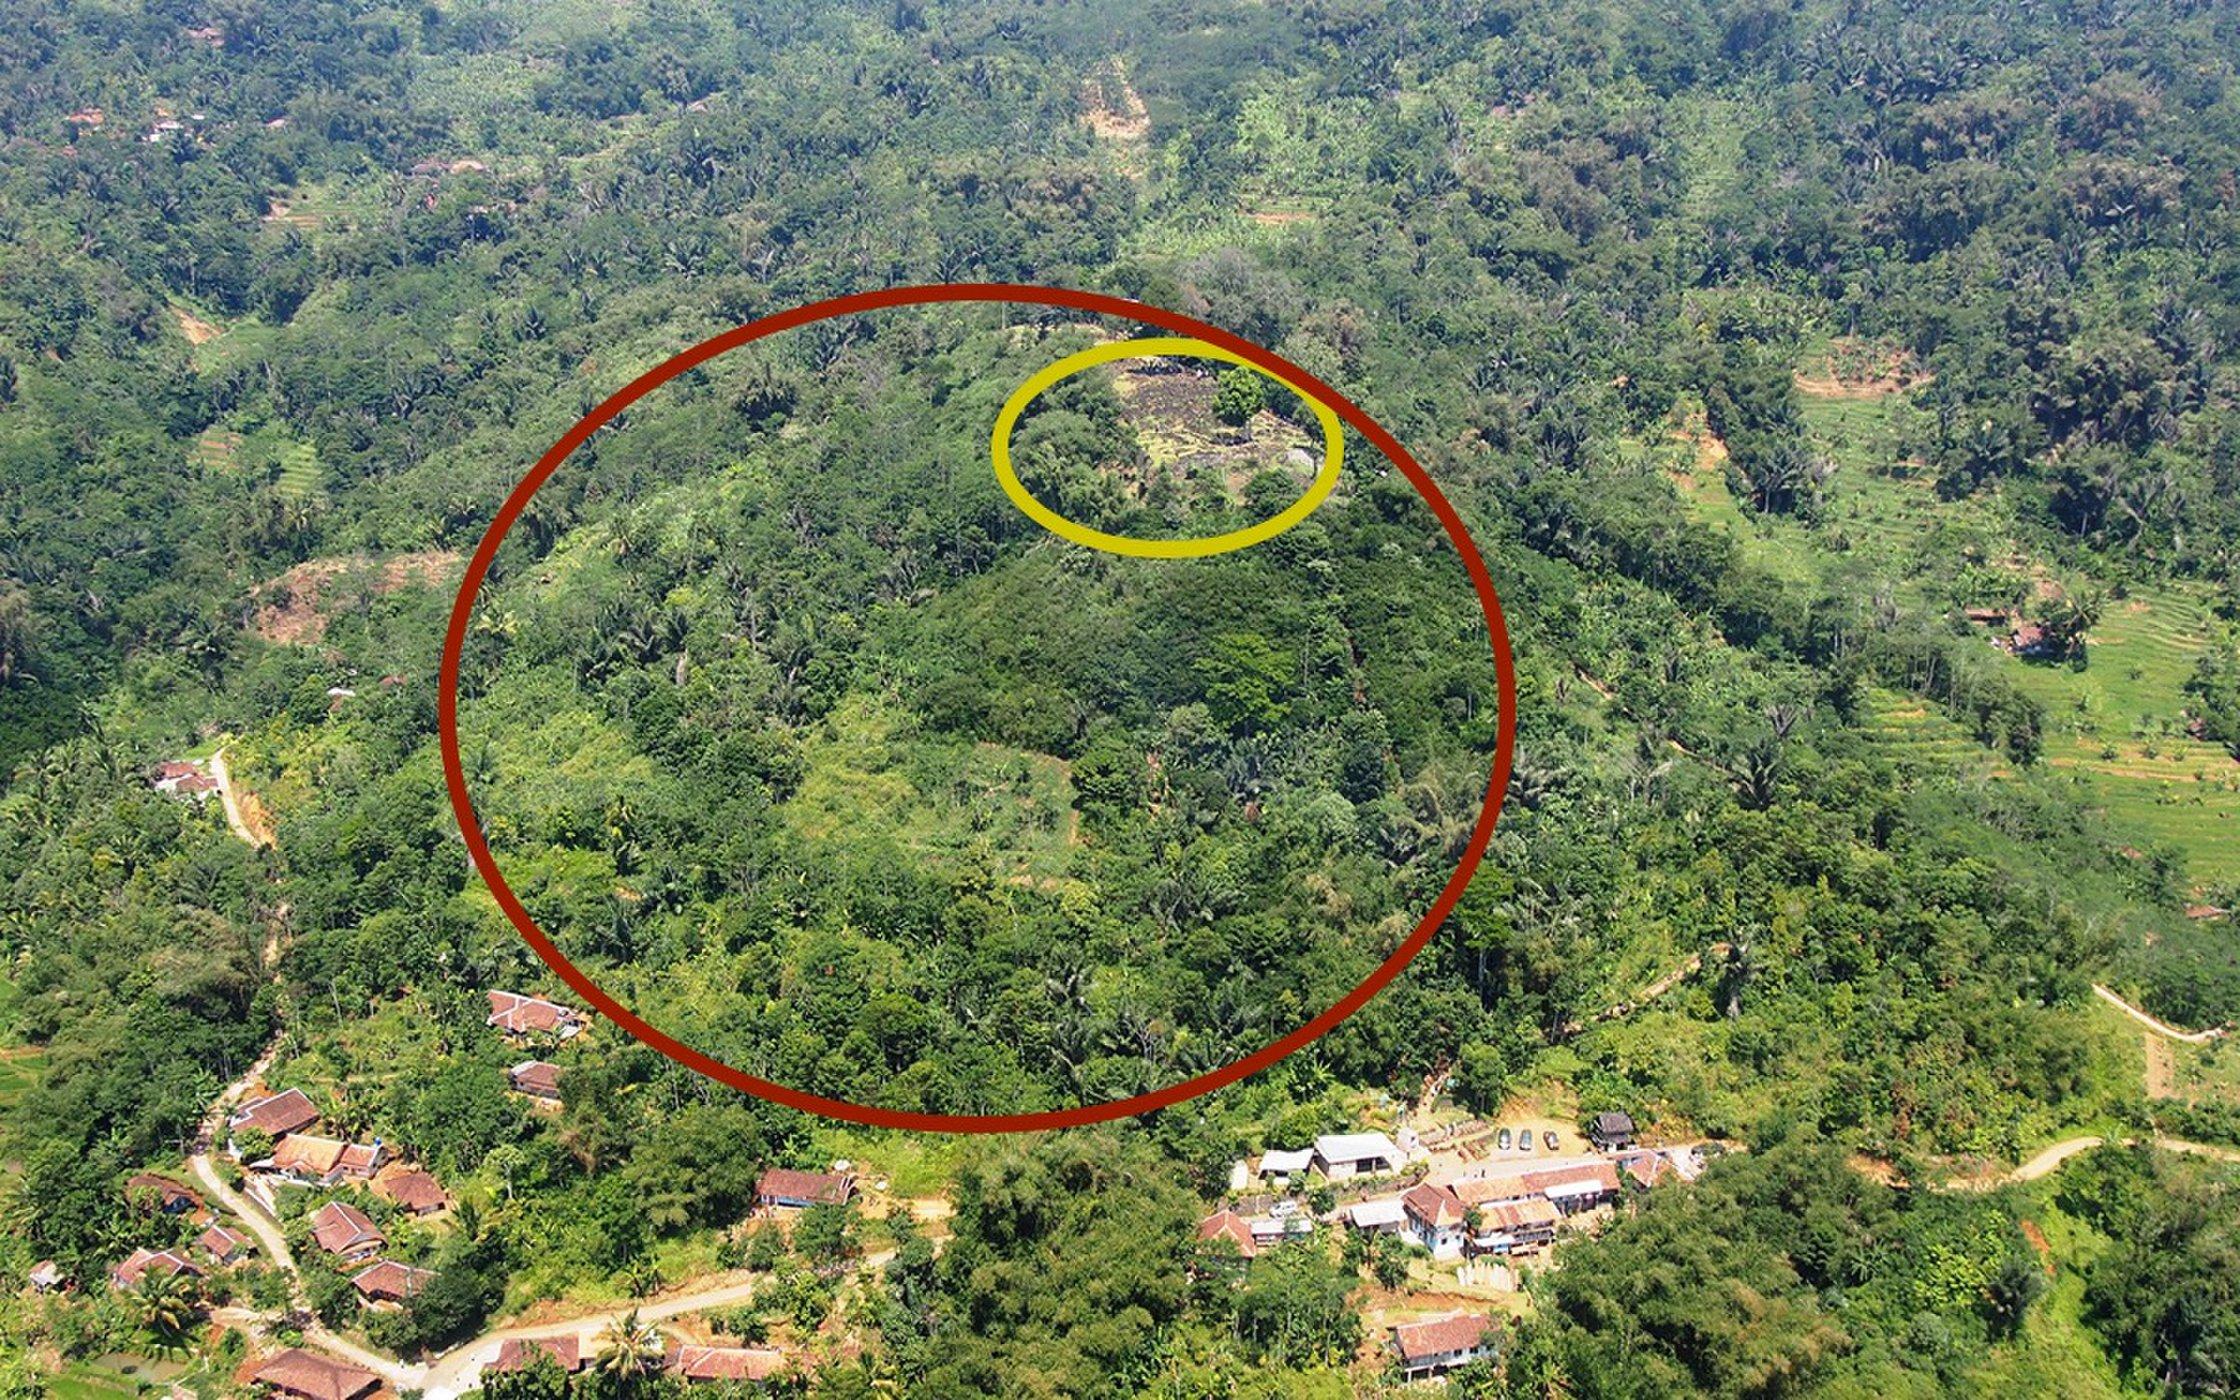 Foto: Pirámide recién descubierta en Indonesia. /livescience.com